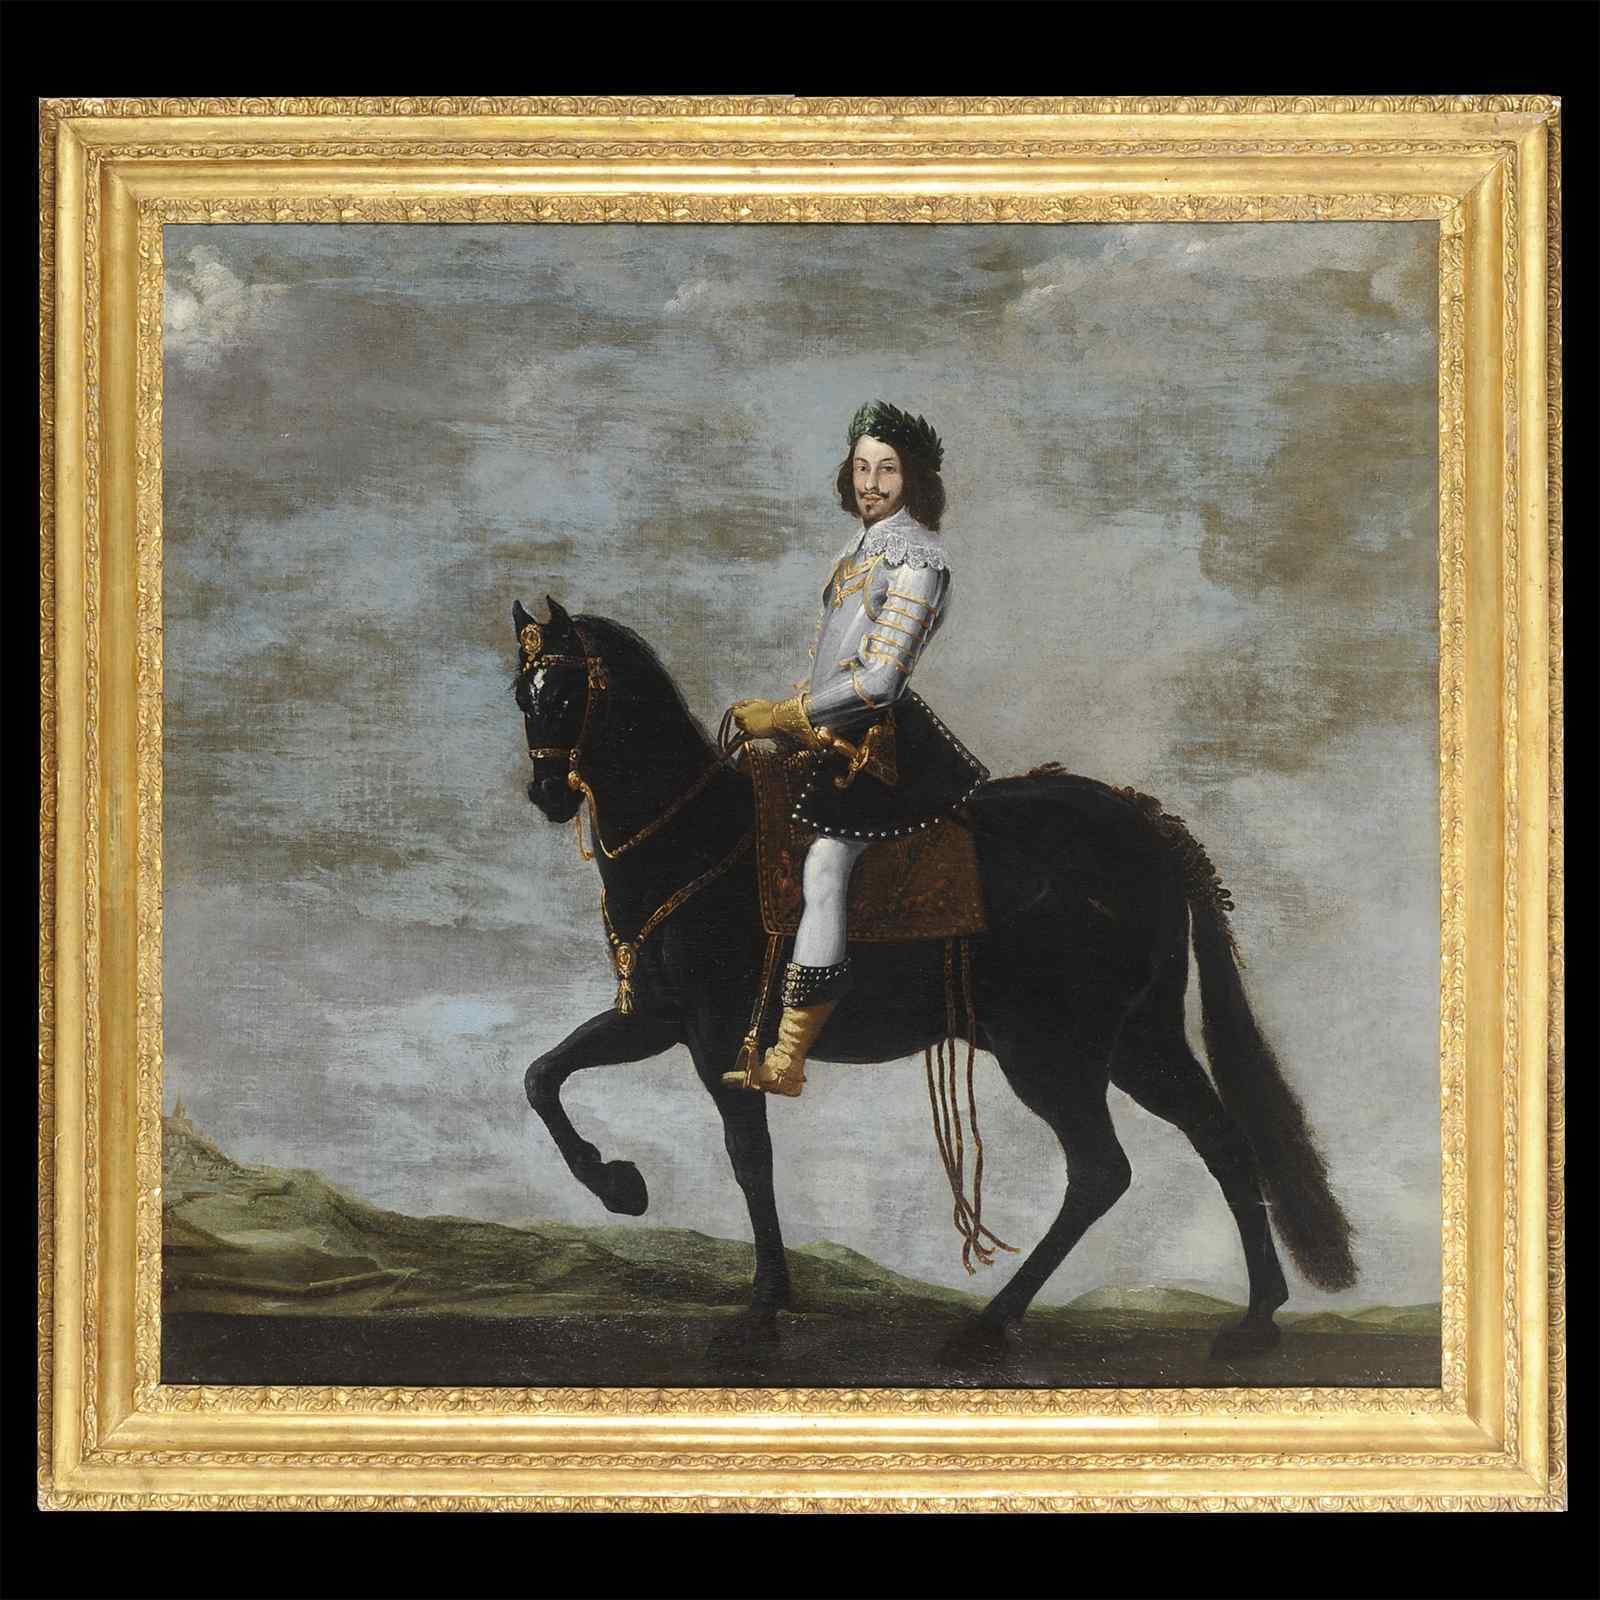 Ritratto equestre - Scuola francese del XVII - Grande